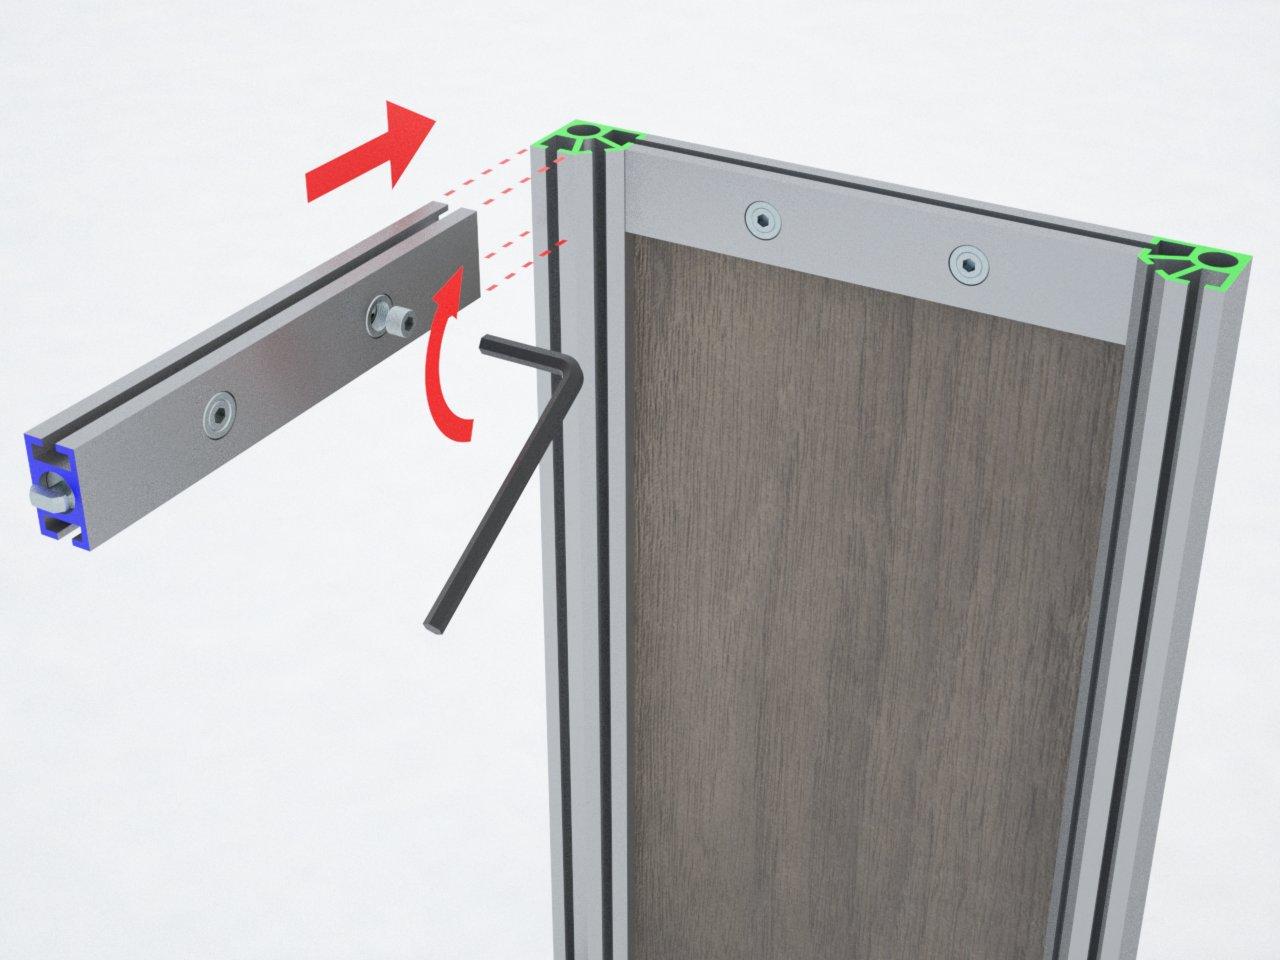 Perfil de travessa em alumínio para montagem de estruturas e divisórias